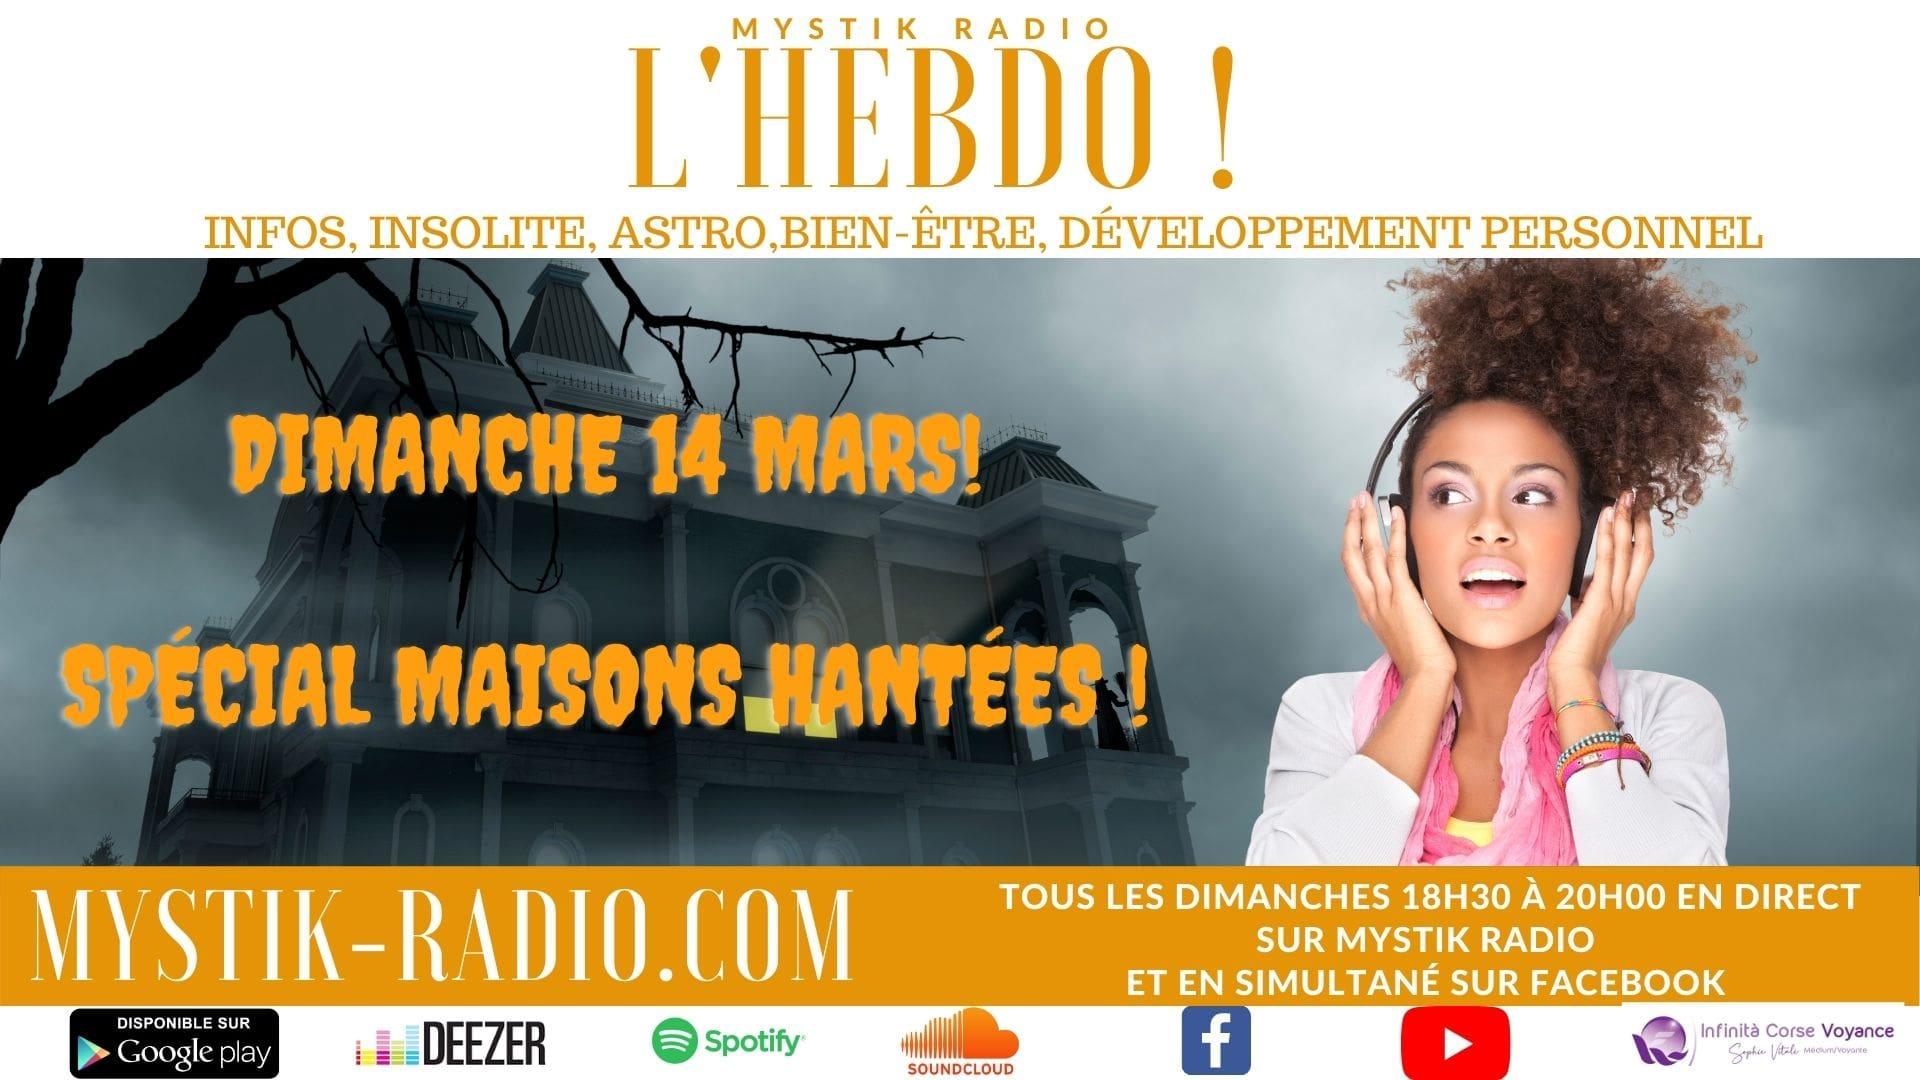 L'HEBDO ! L'émission spéciale maisons hantées présentée par Sophie Vitali en direct sur Mystik Radio